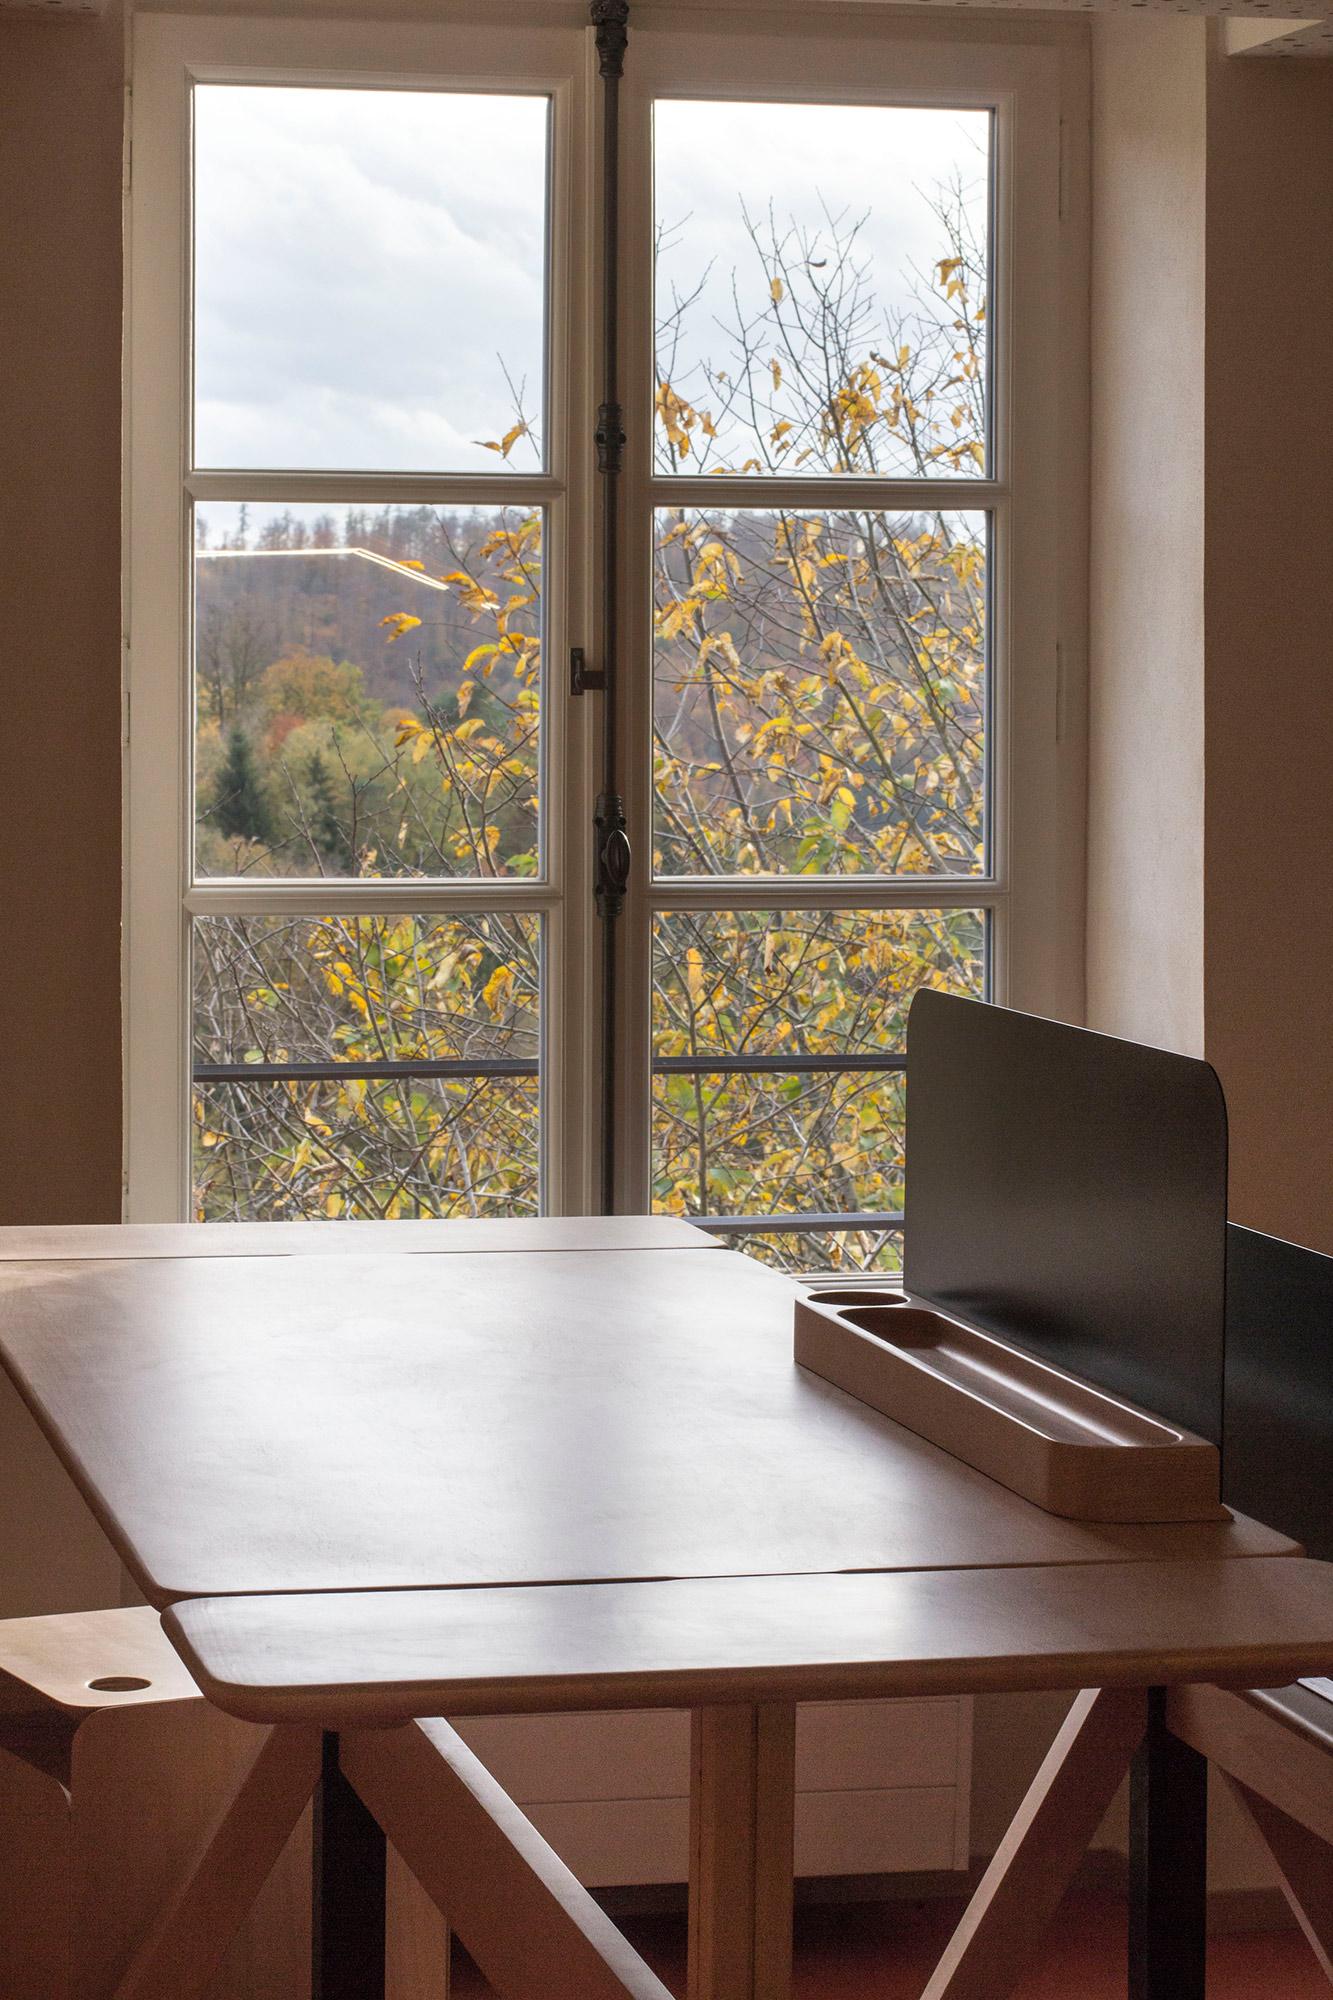 Bureau et micro-cloison de la gamme de mobilier Wood Wide Web, devant une fenêtre avec vue sur la forêt des Vosges du Nord